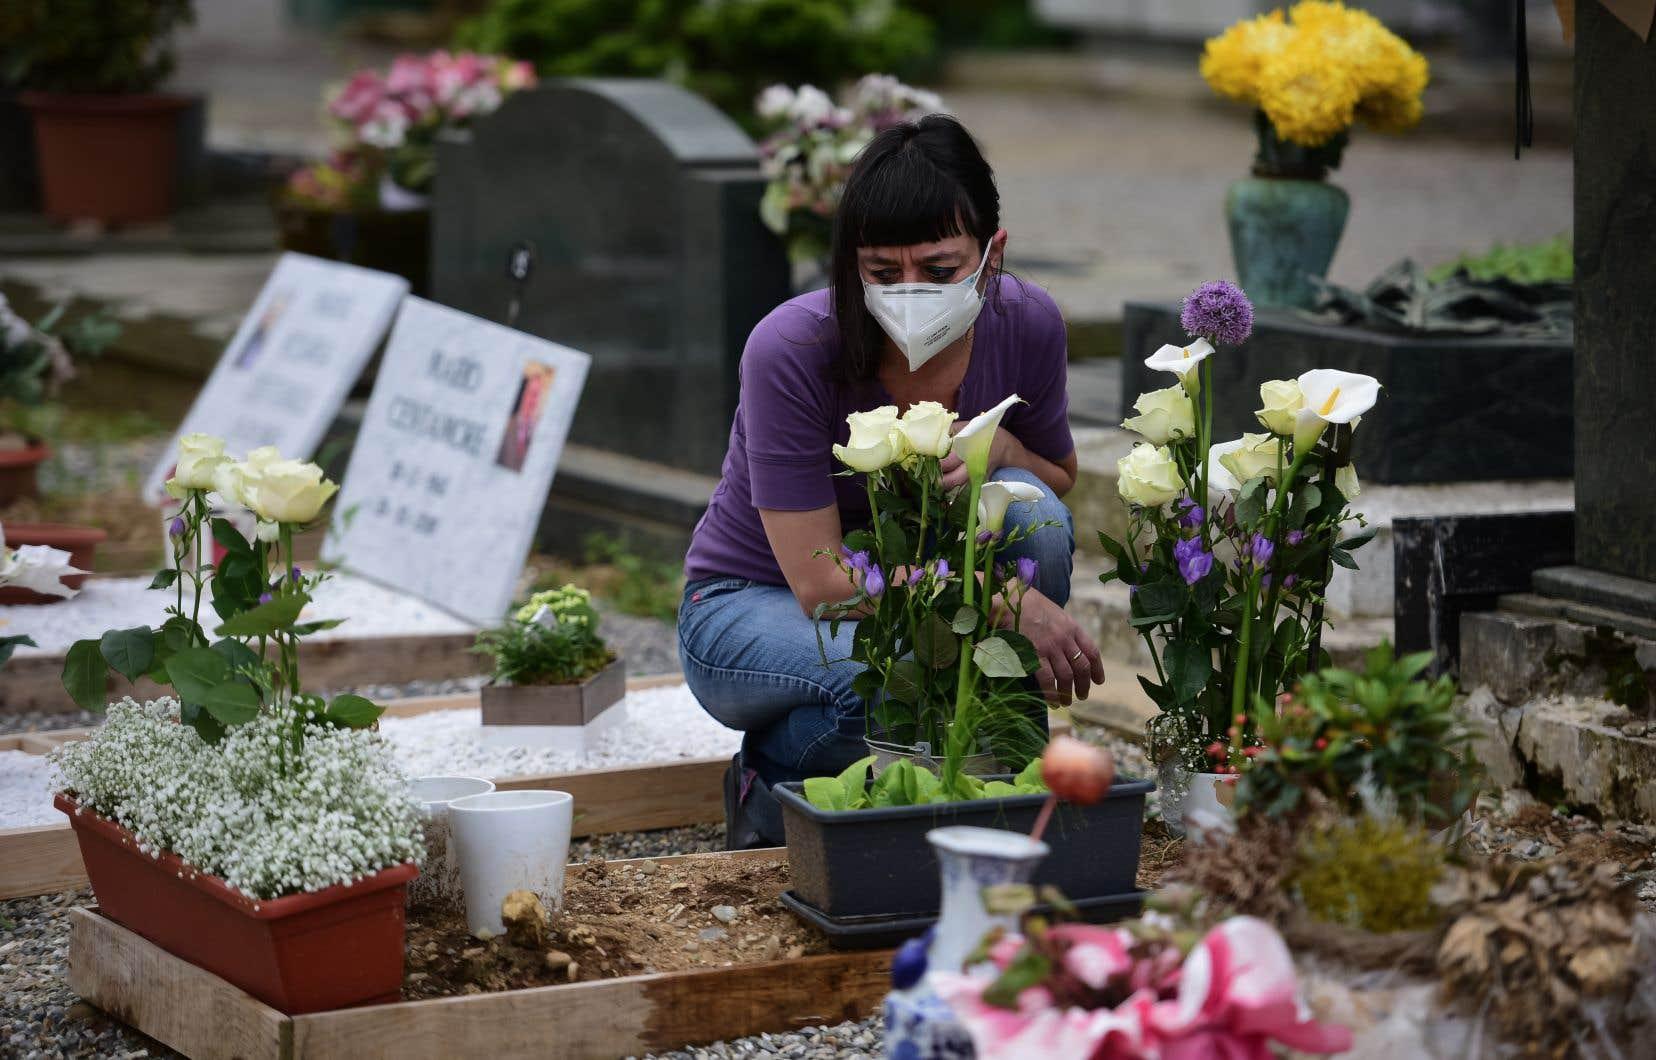 L'Italie, déjà durement touchée au printemps, a signalé vendredi 10010 nouveaux cas, son record quotidien absolu.